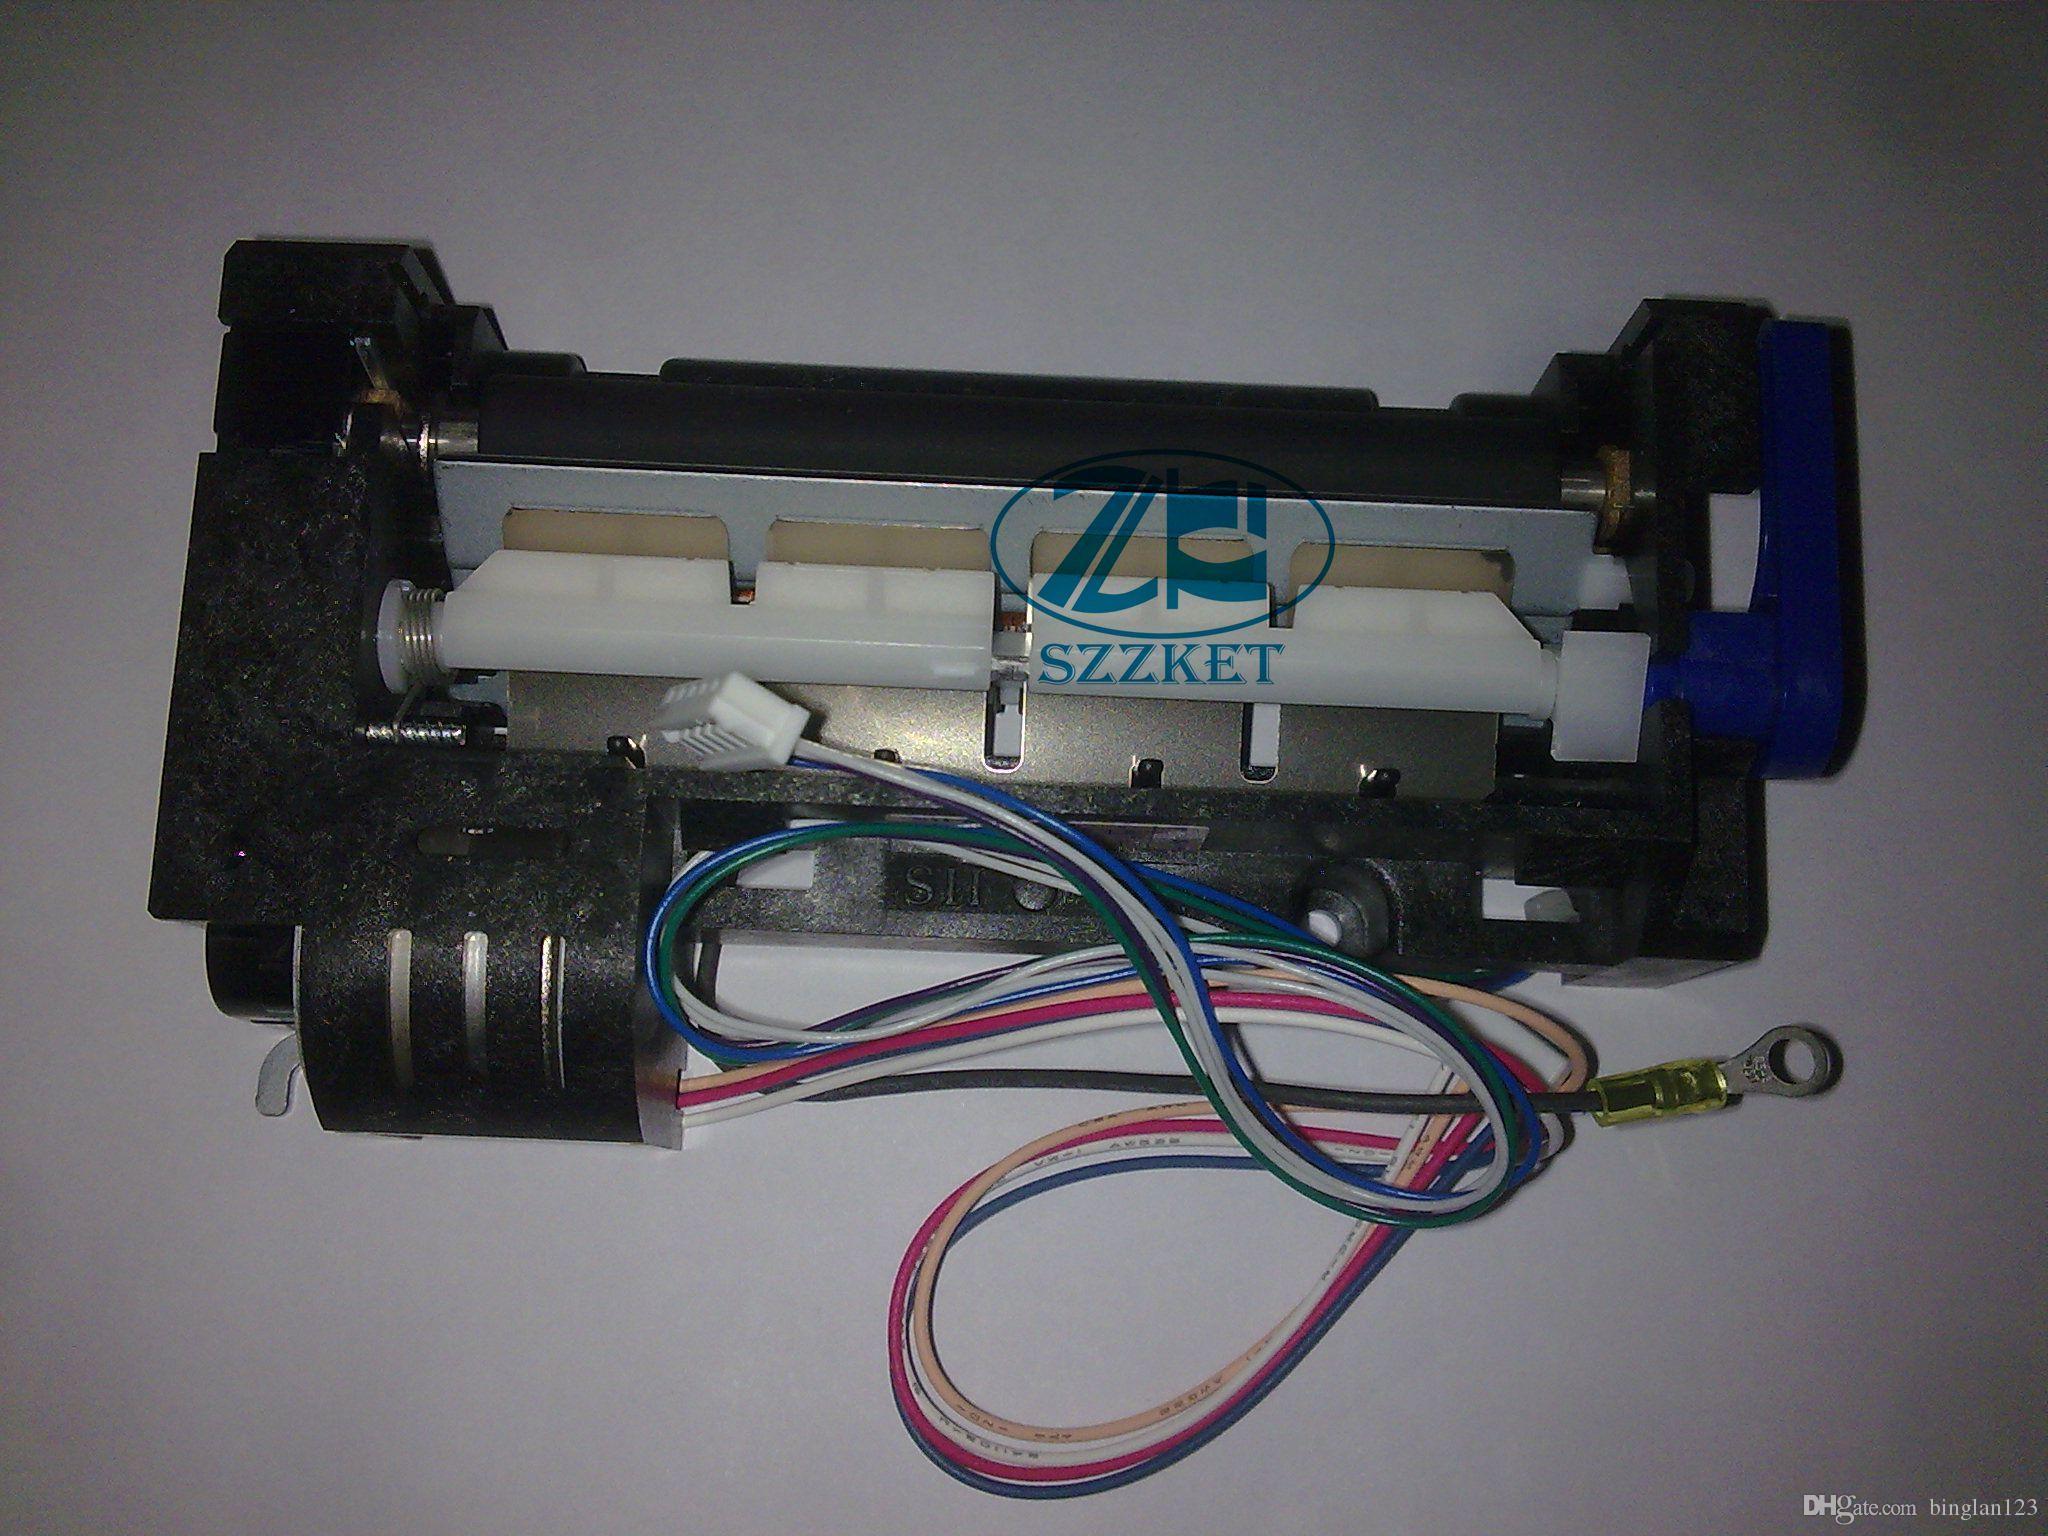 Cabeça de impressão térmica LTP2342D-C576A-E para Xinhua esterilizador de pulso de impressão novo ponto de movimento térmico original